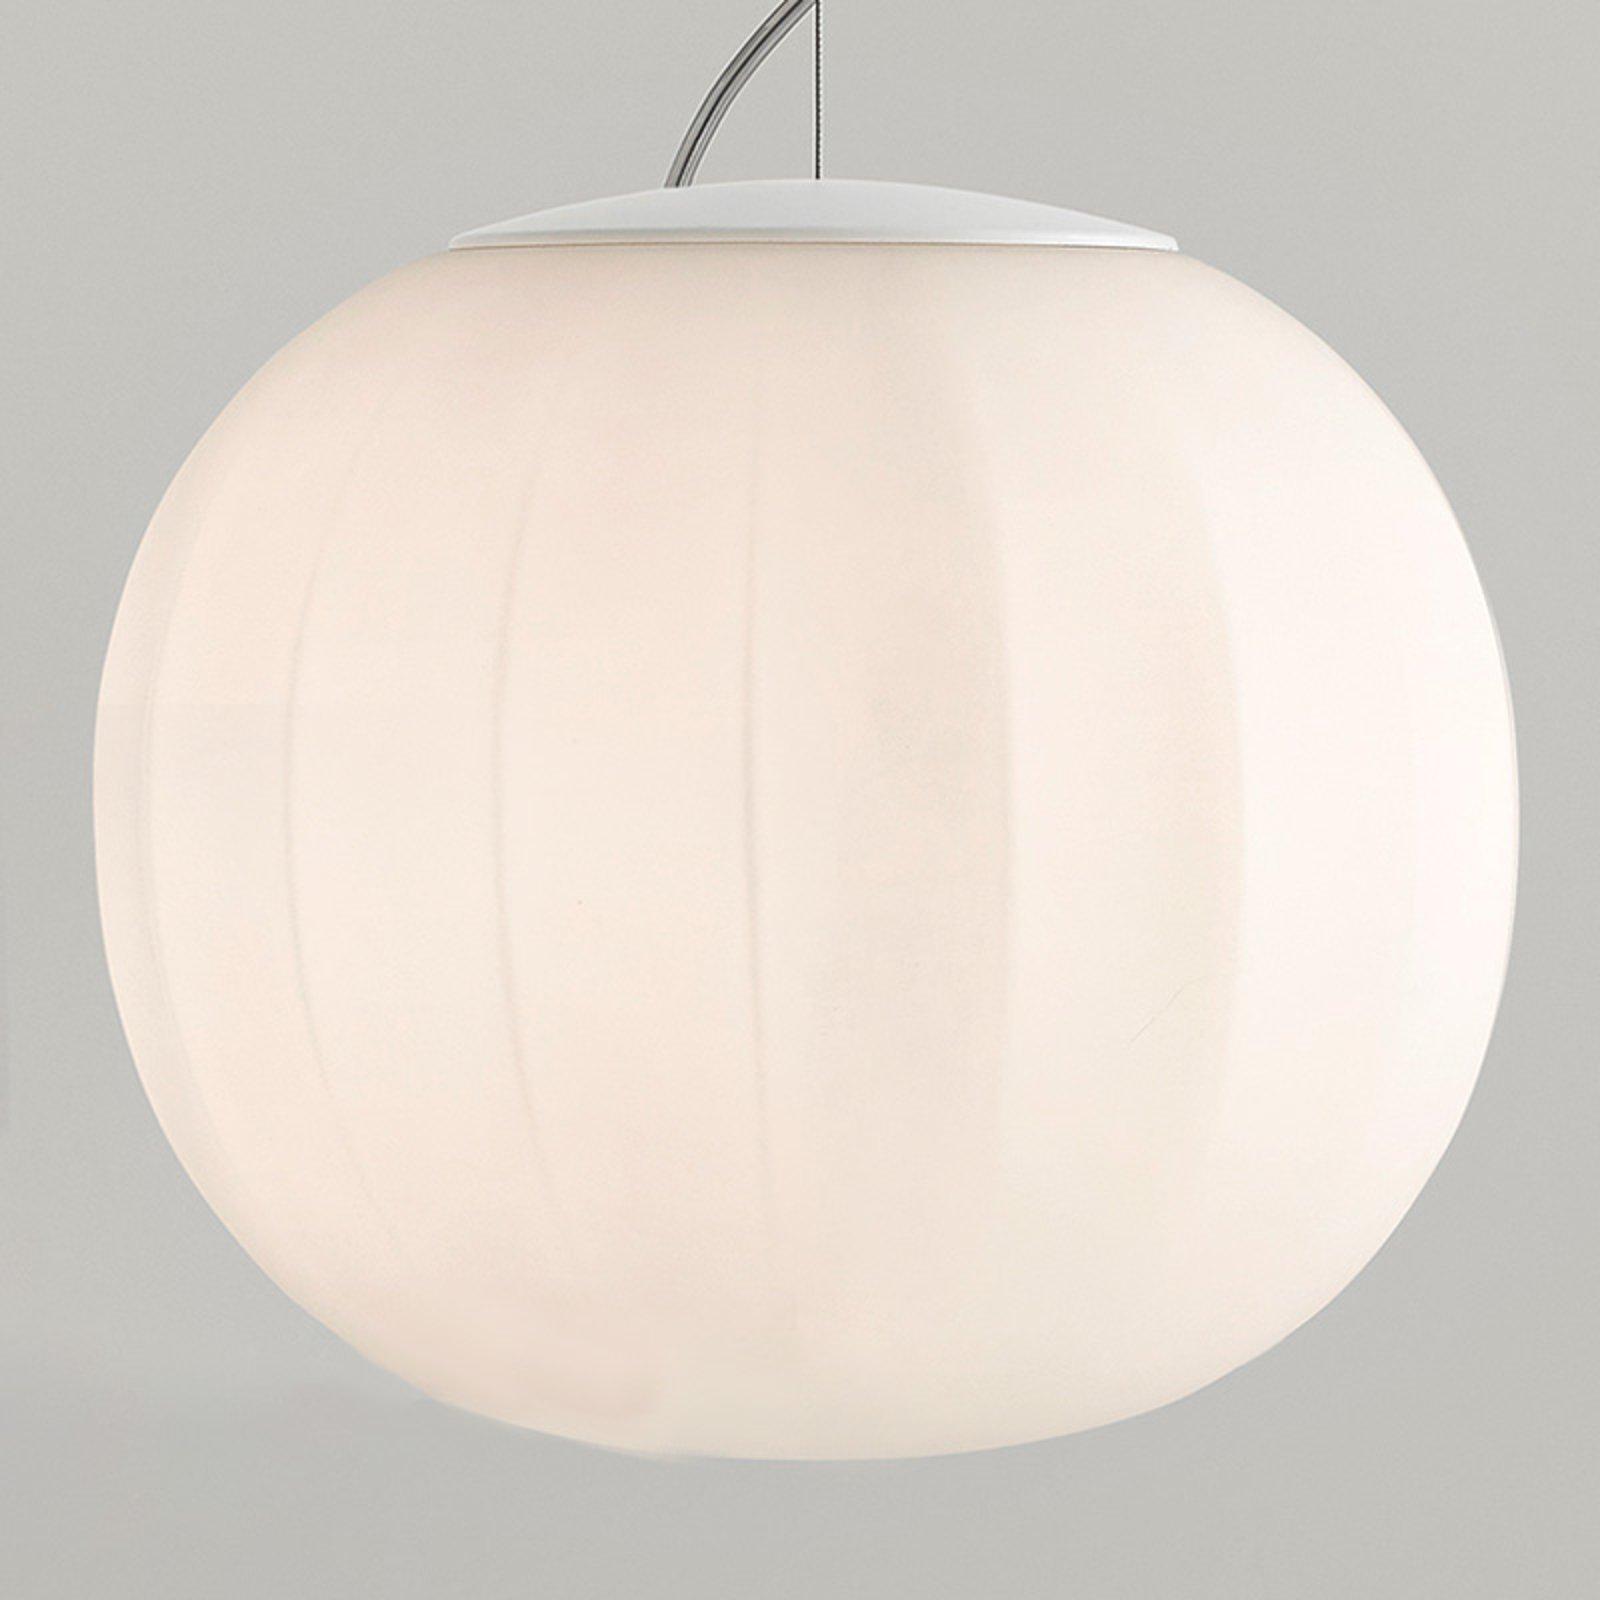 Luceplan Lita pendellampe oppheng hvit Ø 30 cm